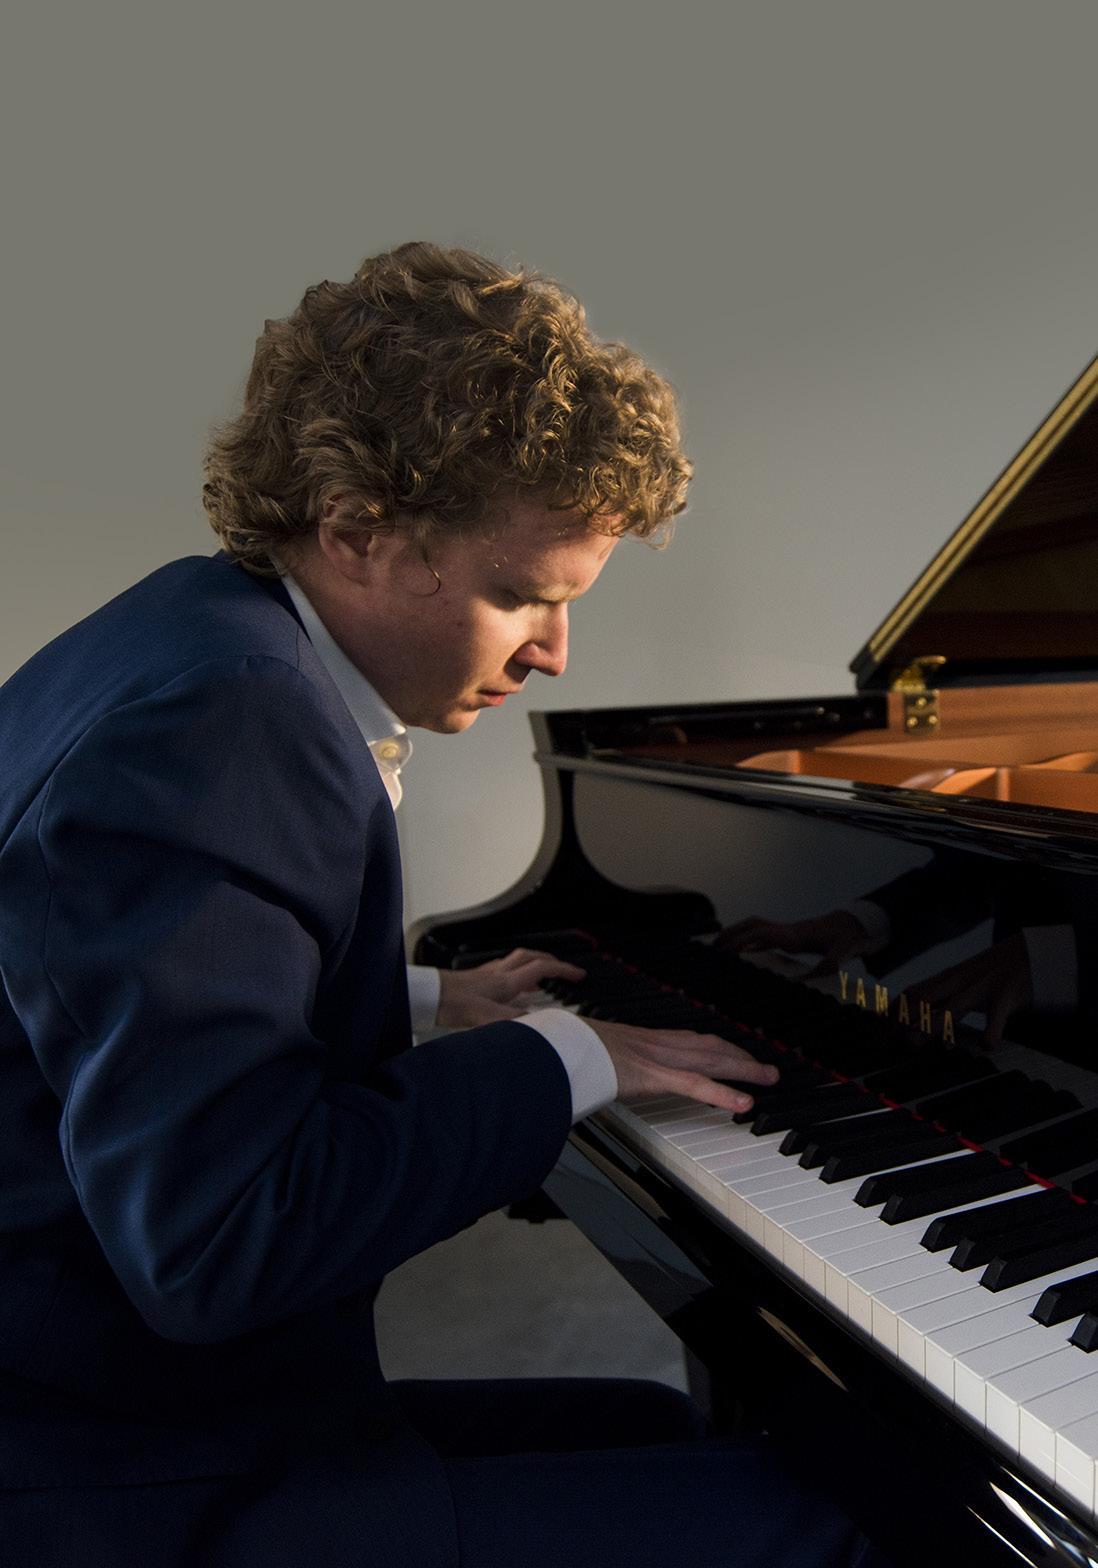 NIKOLAY KHOZYAINOV, pianist